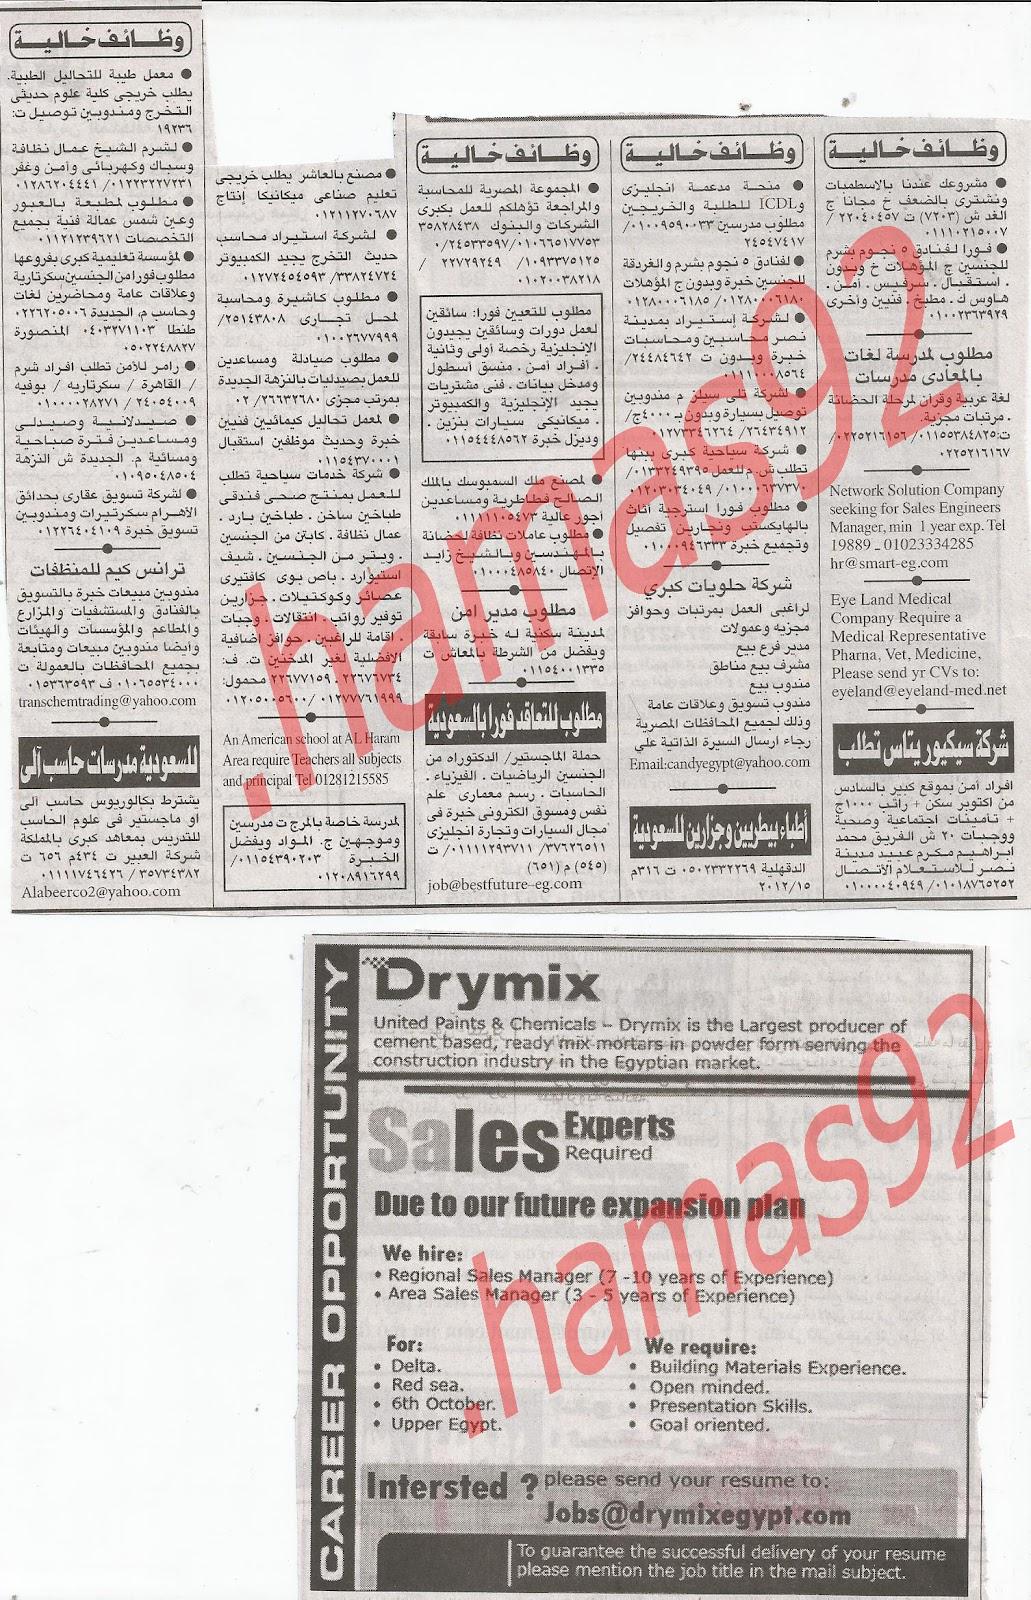 اعلانات وظائف جريدة الاهرام الجمعة 13/7/2012 كاملة - الاهرام الاسبوعى 11